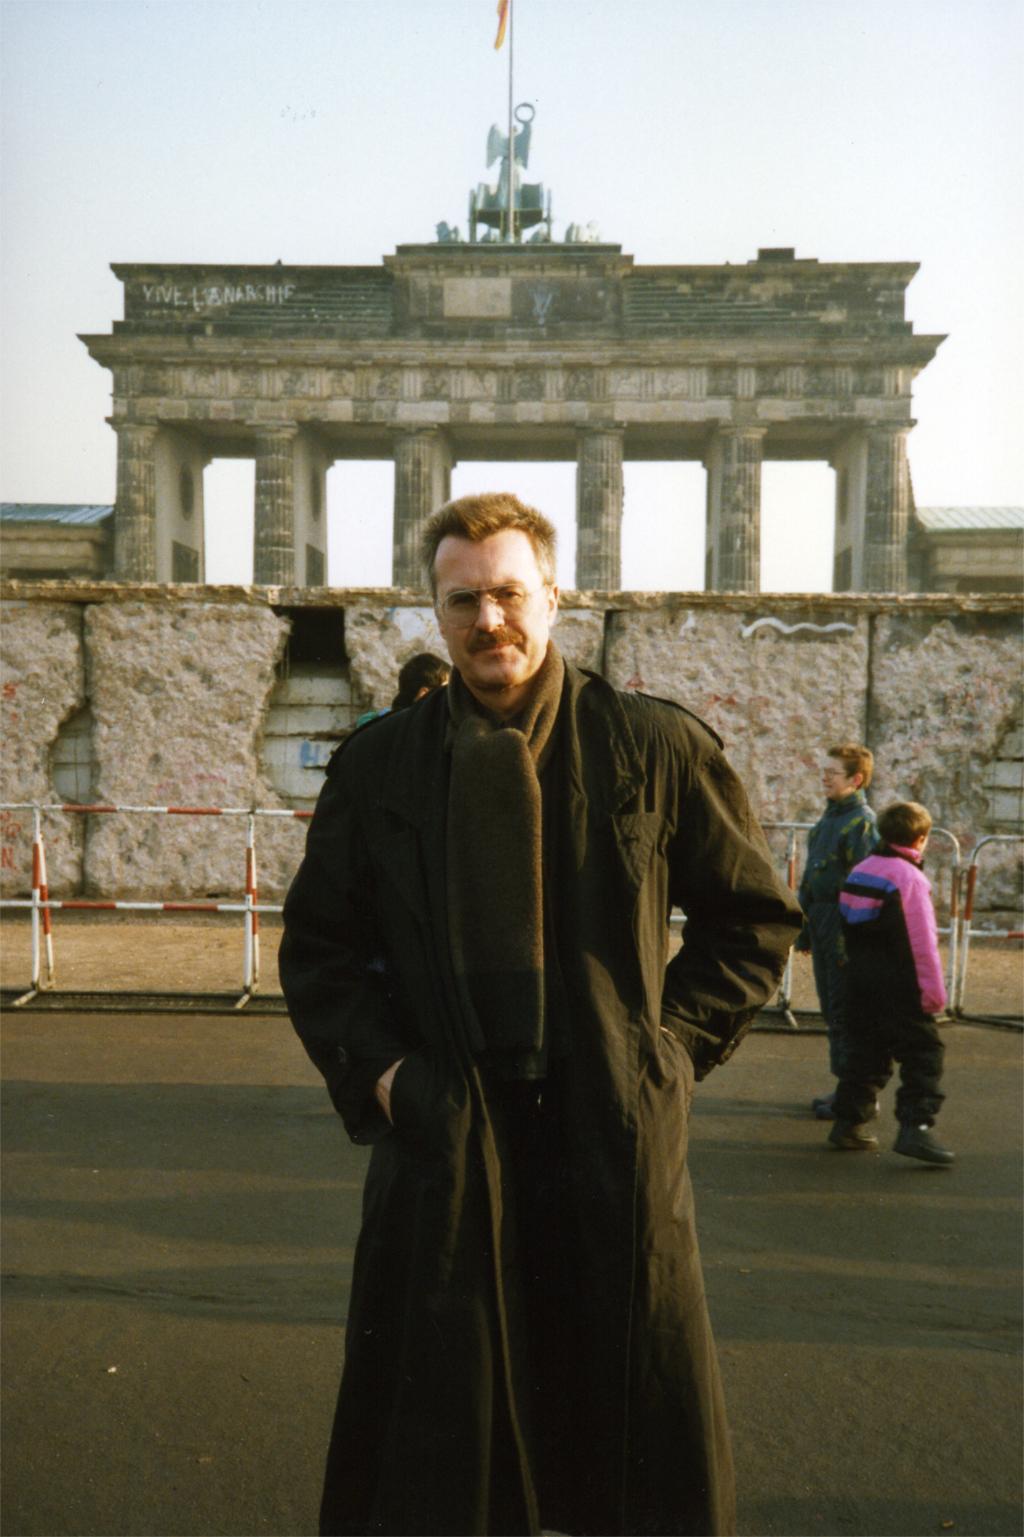 Geschichte wird gemacht: Porträt eines Mannes vor Berliner Mauer und Brandenburger Tor, Besuch aus dem Westen, Februar 1990. Zeitzeugen tragen persönlich Erlebtes weiter. Sie helfen, Geschichte zu verstehen und Zukunft zu gestalten. Warum ist das wichtig? In: Prinzip Apfelbaum. Magazin über das, was bleibt. Foto: Freya Singer/CC BY-NC-ND